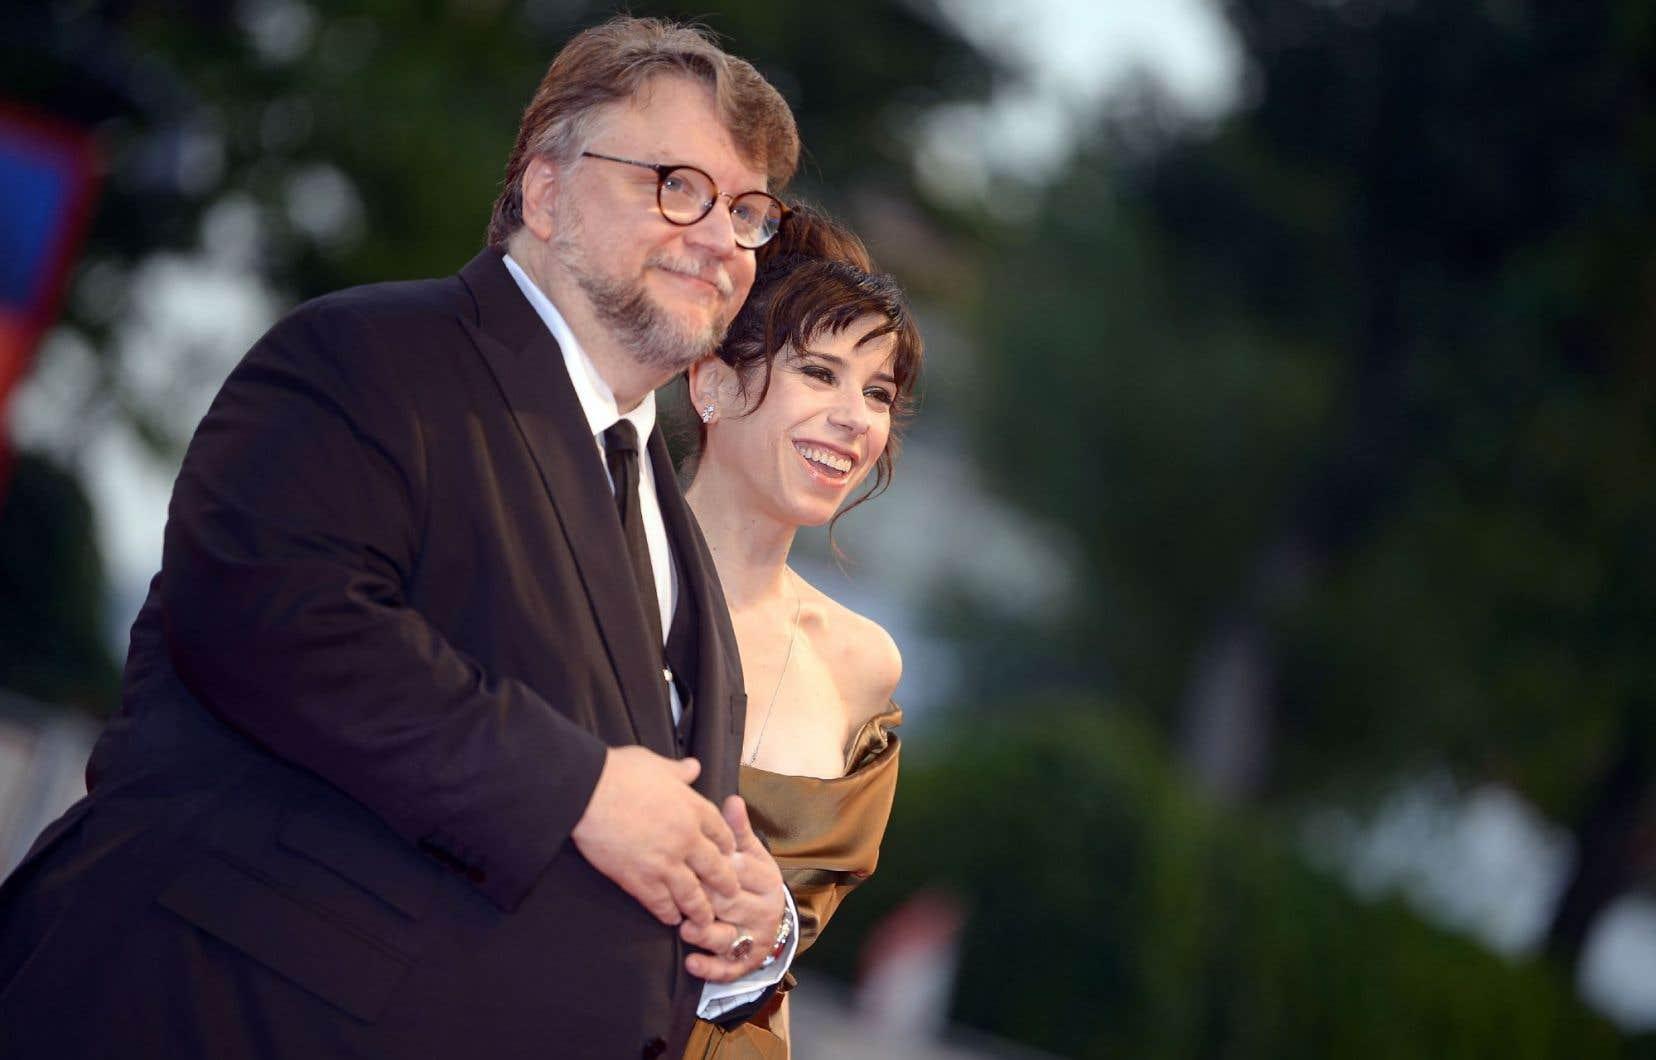 Le réalisateur Guillermo del Toro et l'actrice Sally Hawkins sur le tapis rouge de la Mostra de Venise, avant la présentation du long métrage «The Shape of Water»